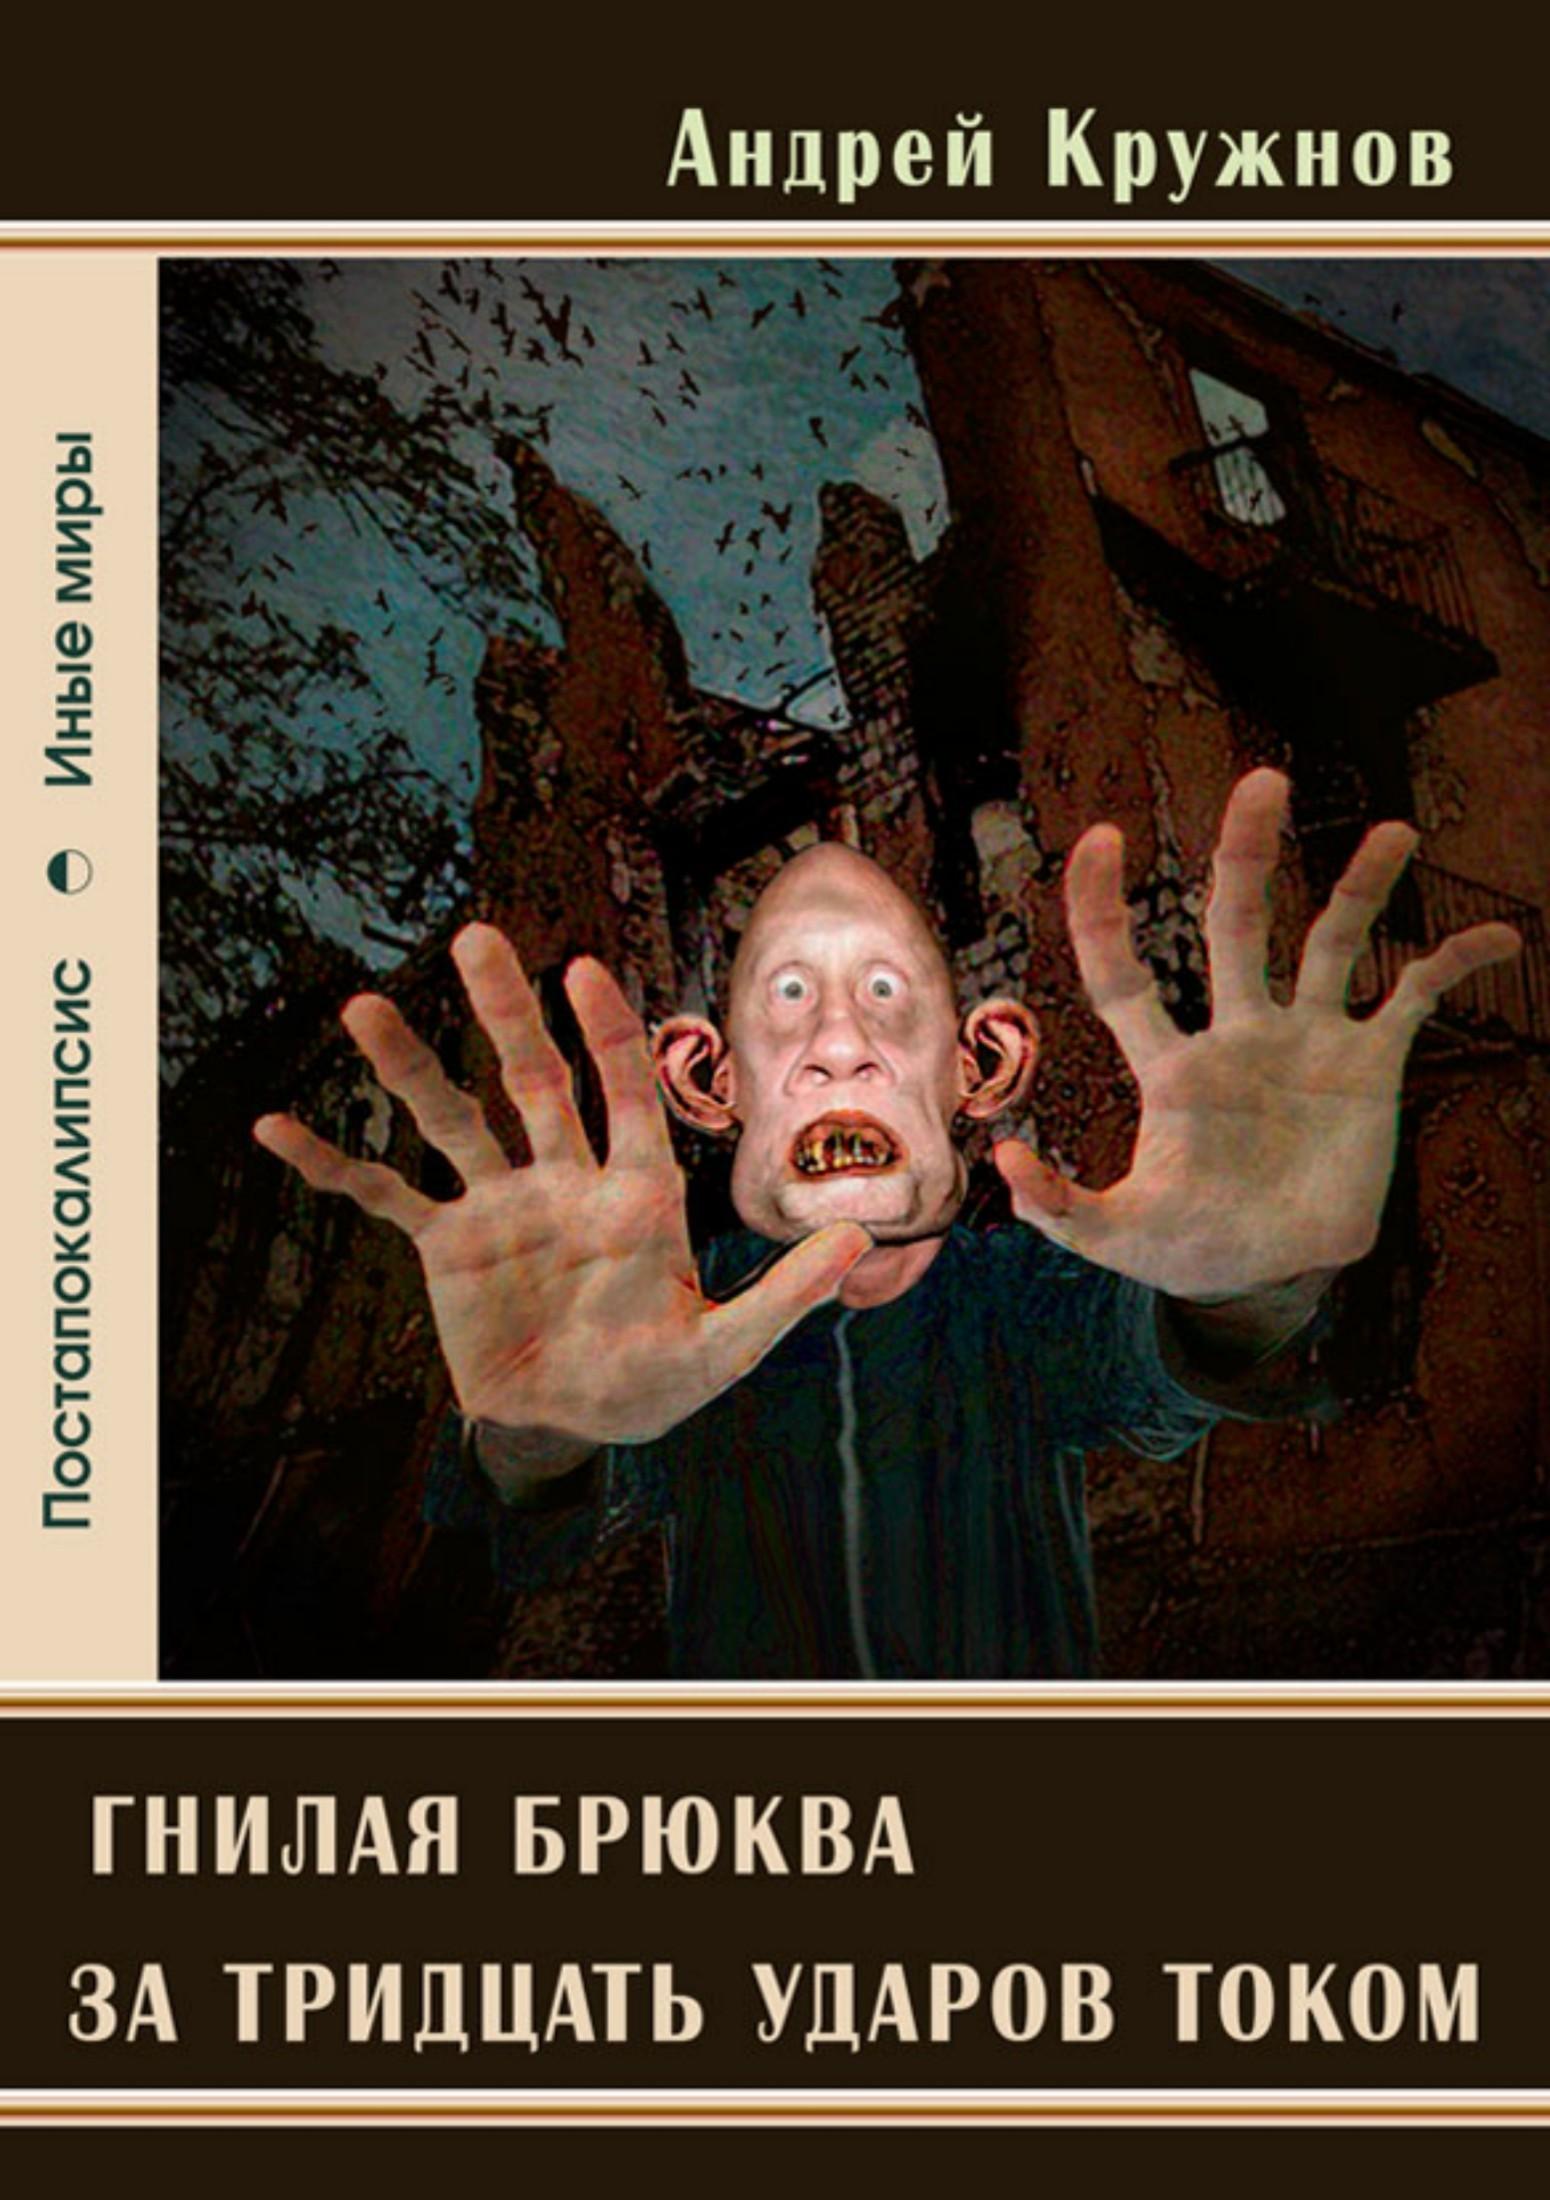 Андрей Эдуардович Кружнов бесплатно